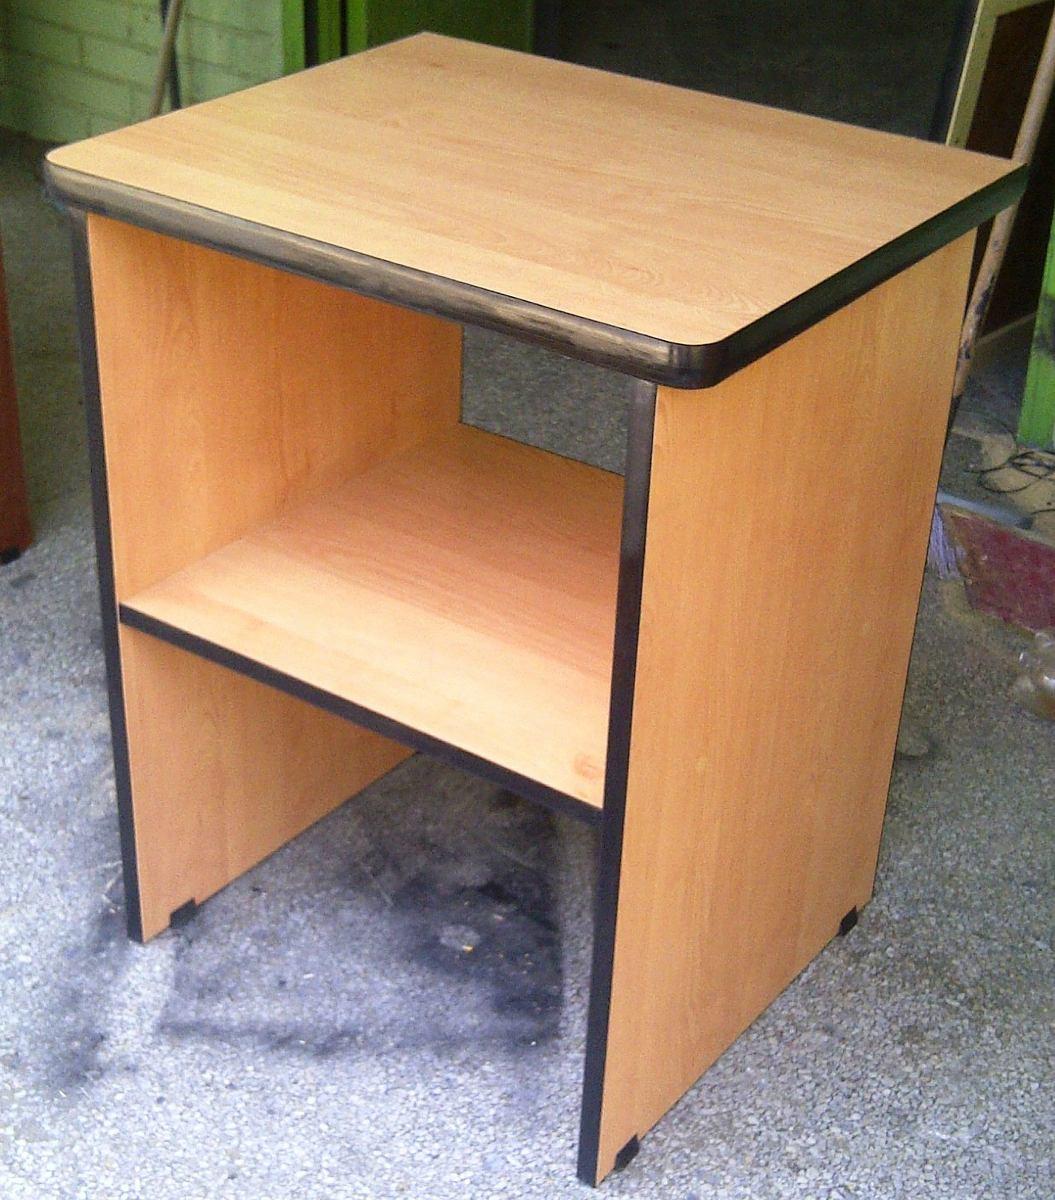 Mueble Para Impresora Haya 050x060x075 Cm - Bs. 25.000,00 en MercadoLibre